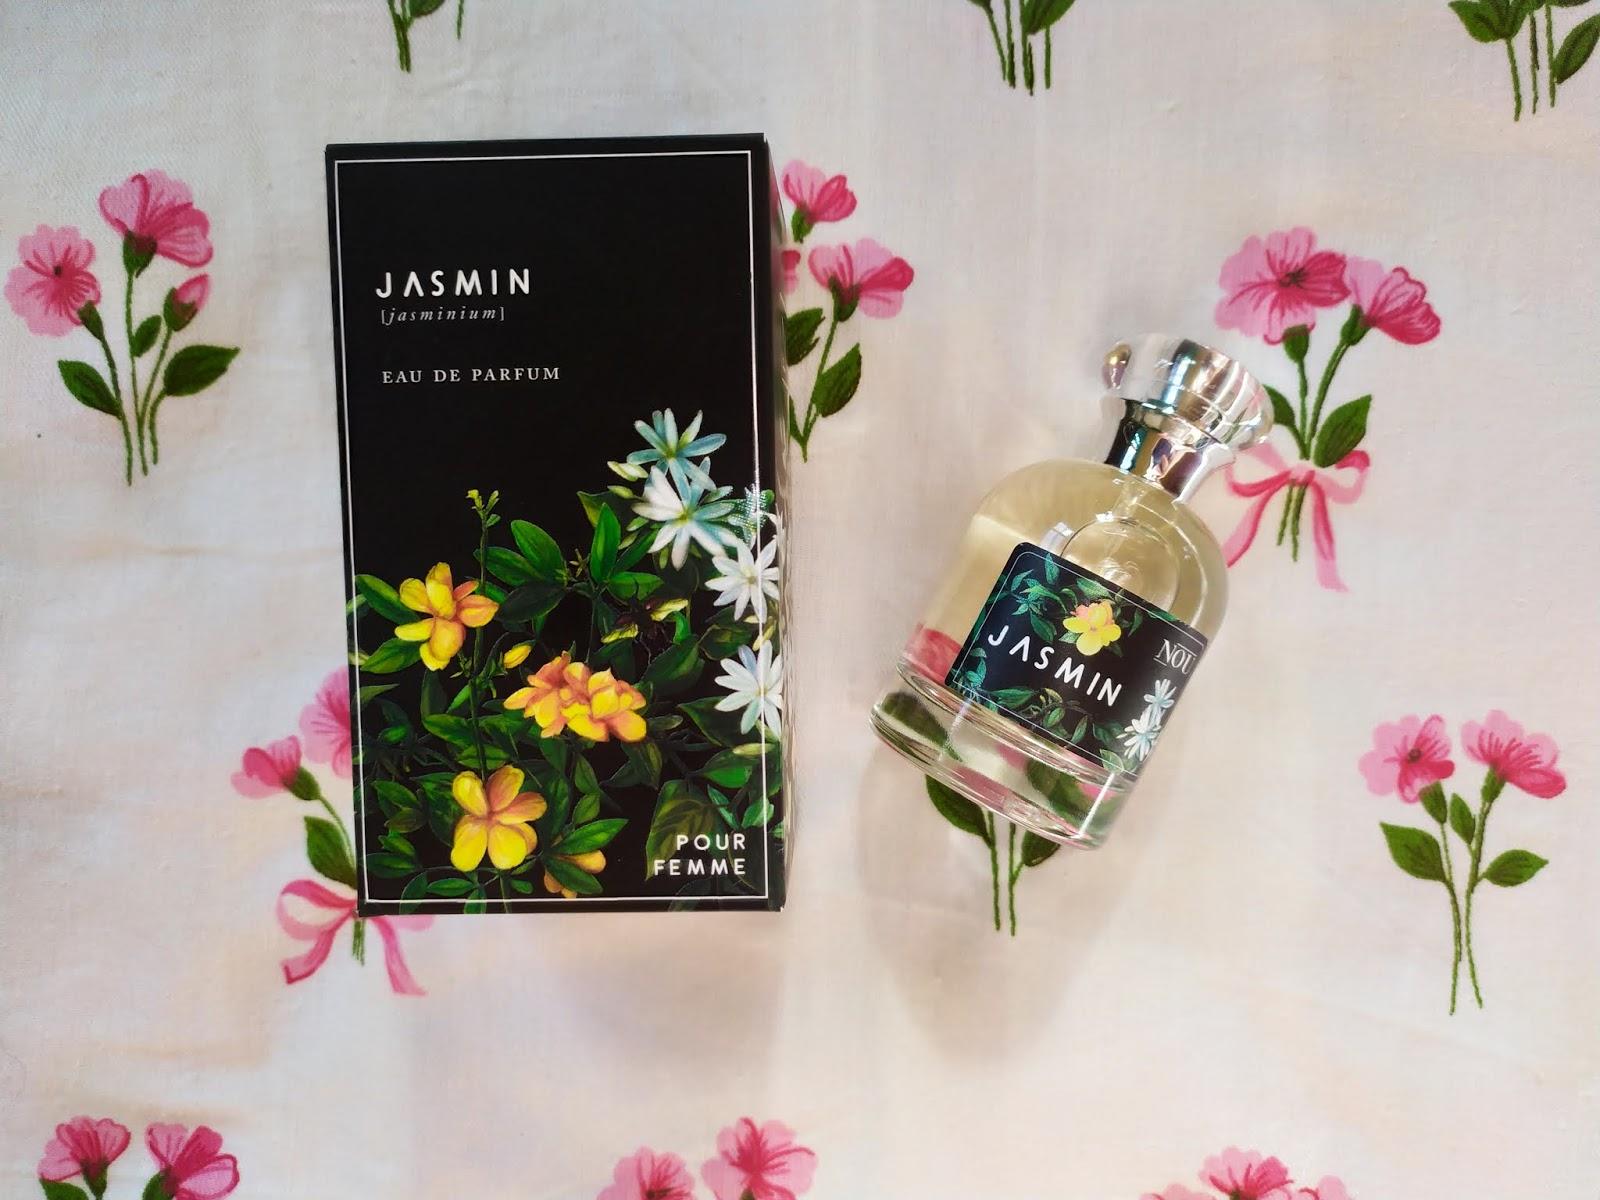 NOU Jasmin - kwiatowe perfumy dla kobiet